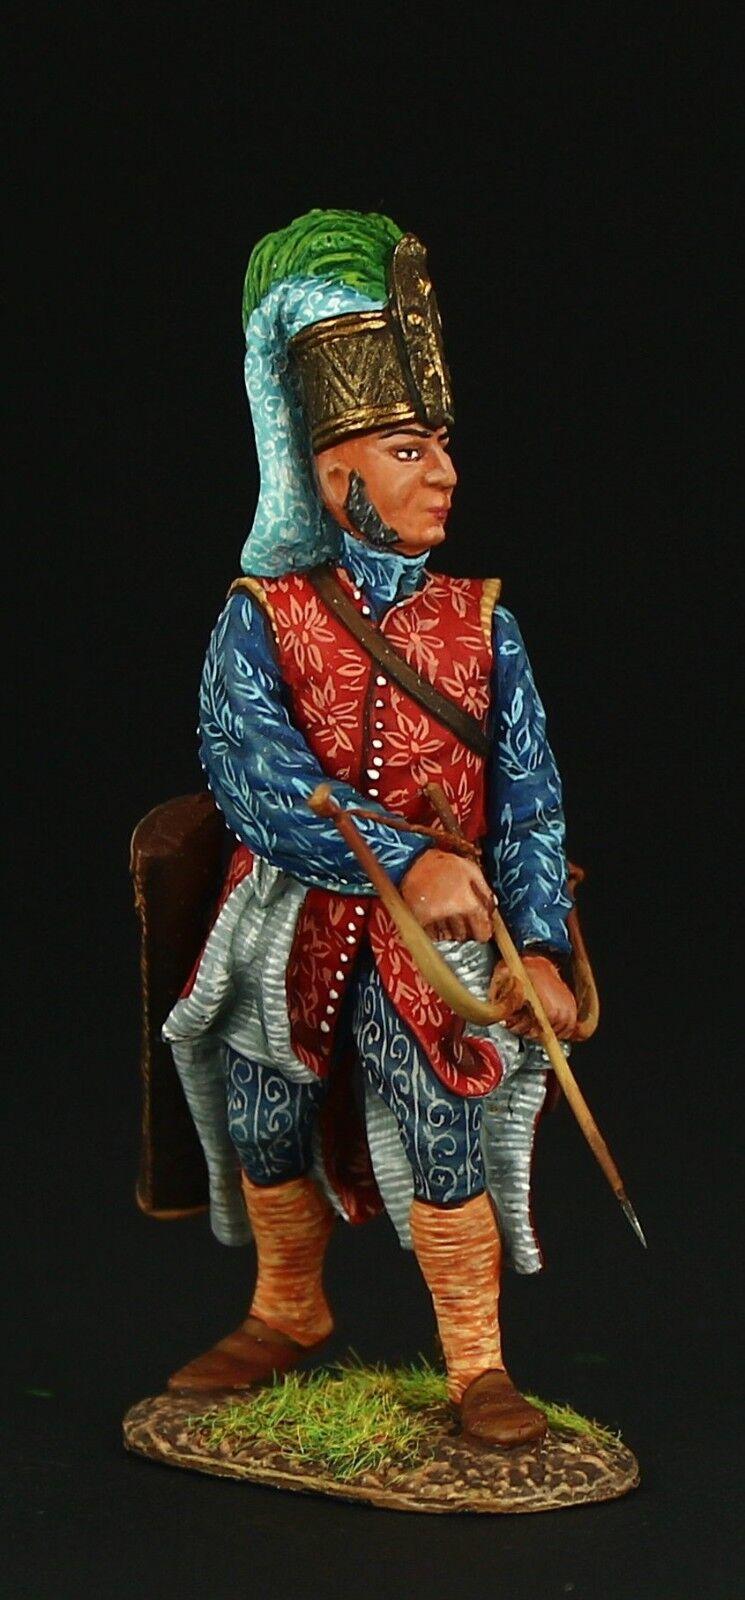 Elite   Janissary archer, XVII c. Tin toy soldier 54 mm,metal sculpture